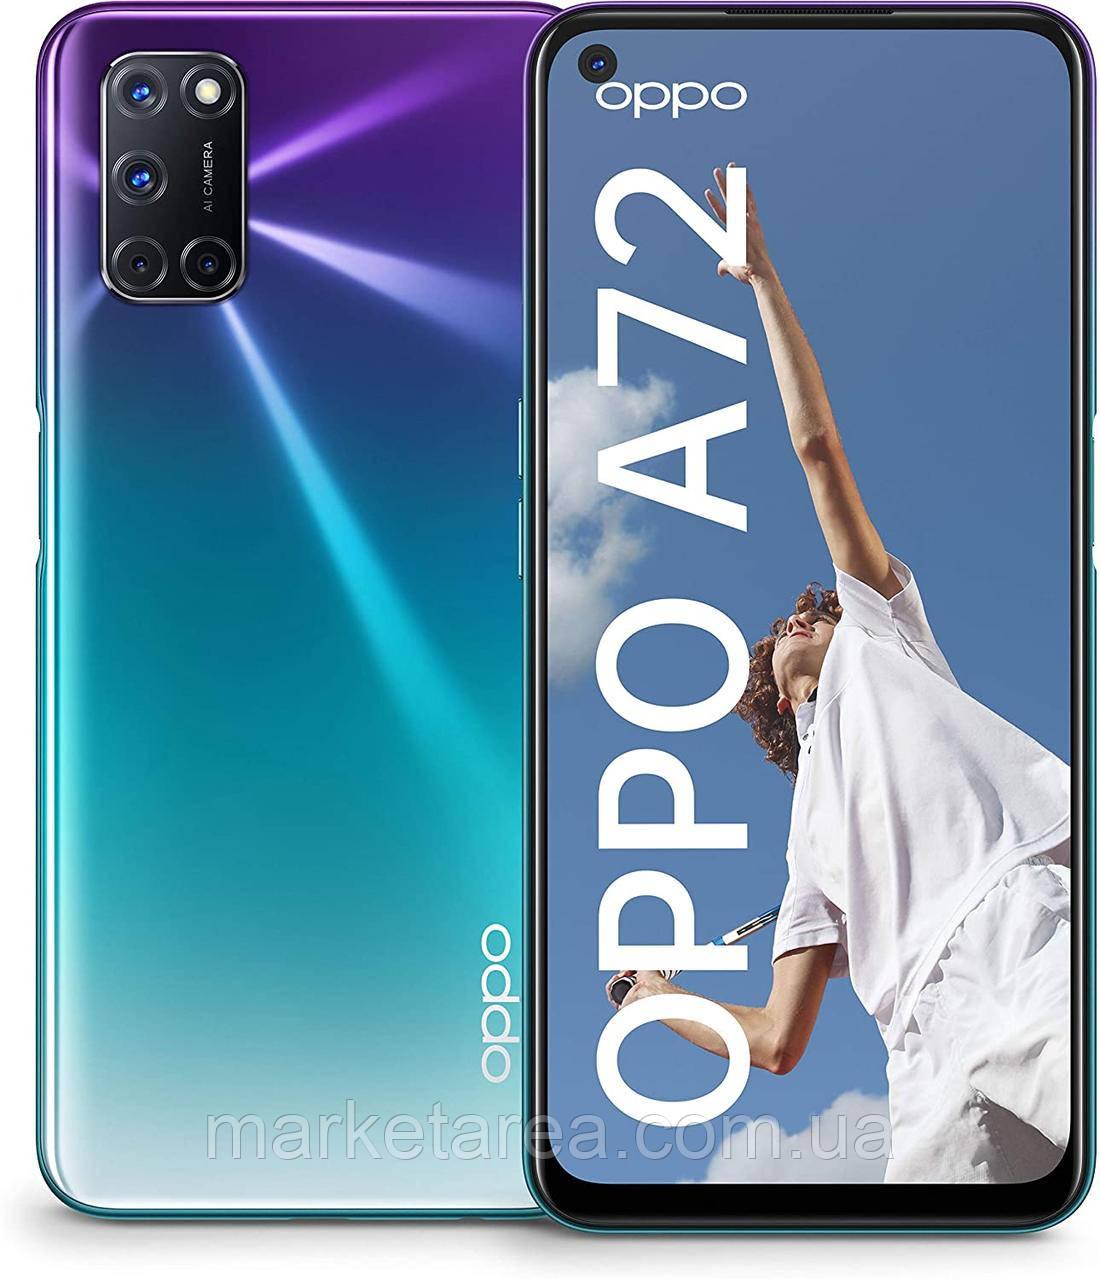 Смартфон с хорошим аккумулятором большой емкости и нфс функцией на 2 sim OPPO A72  Aurora Purple 4/128Gb